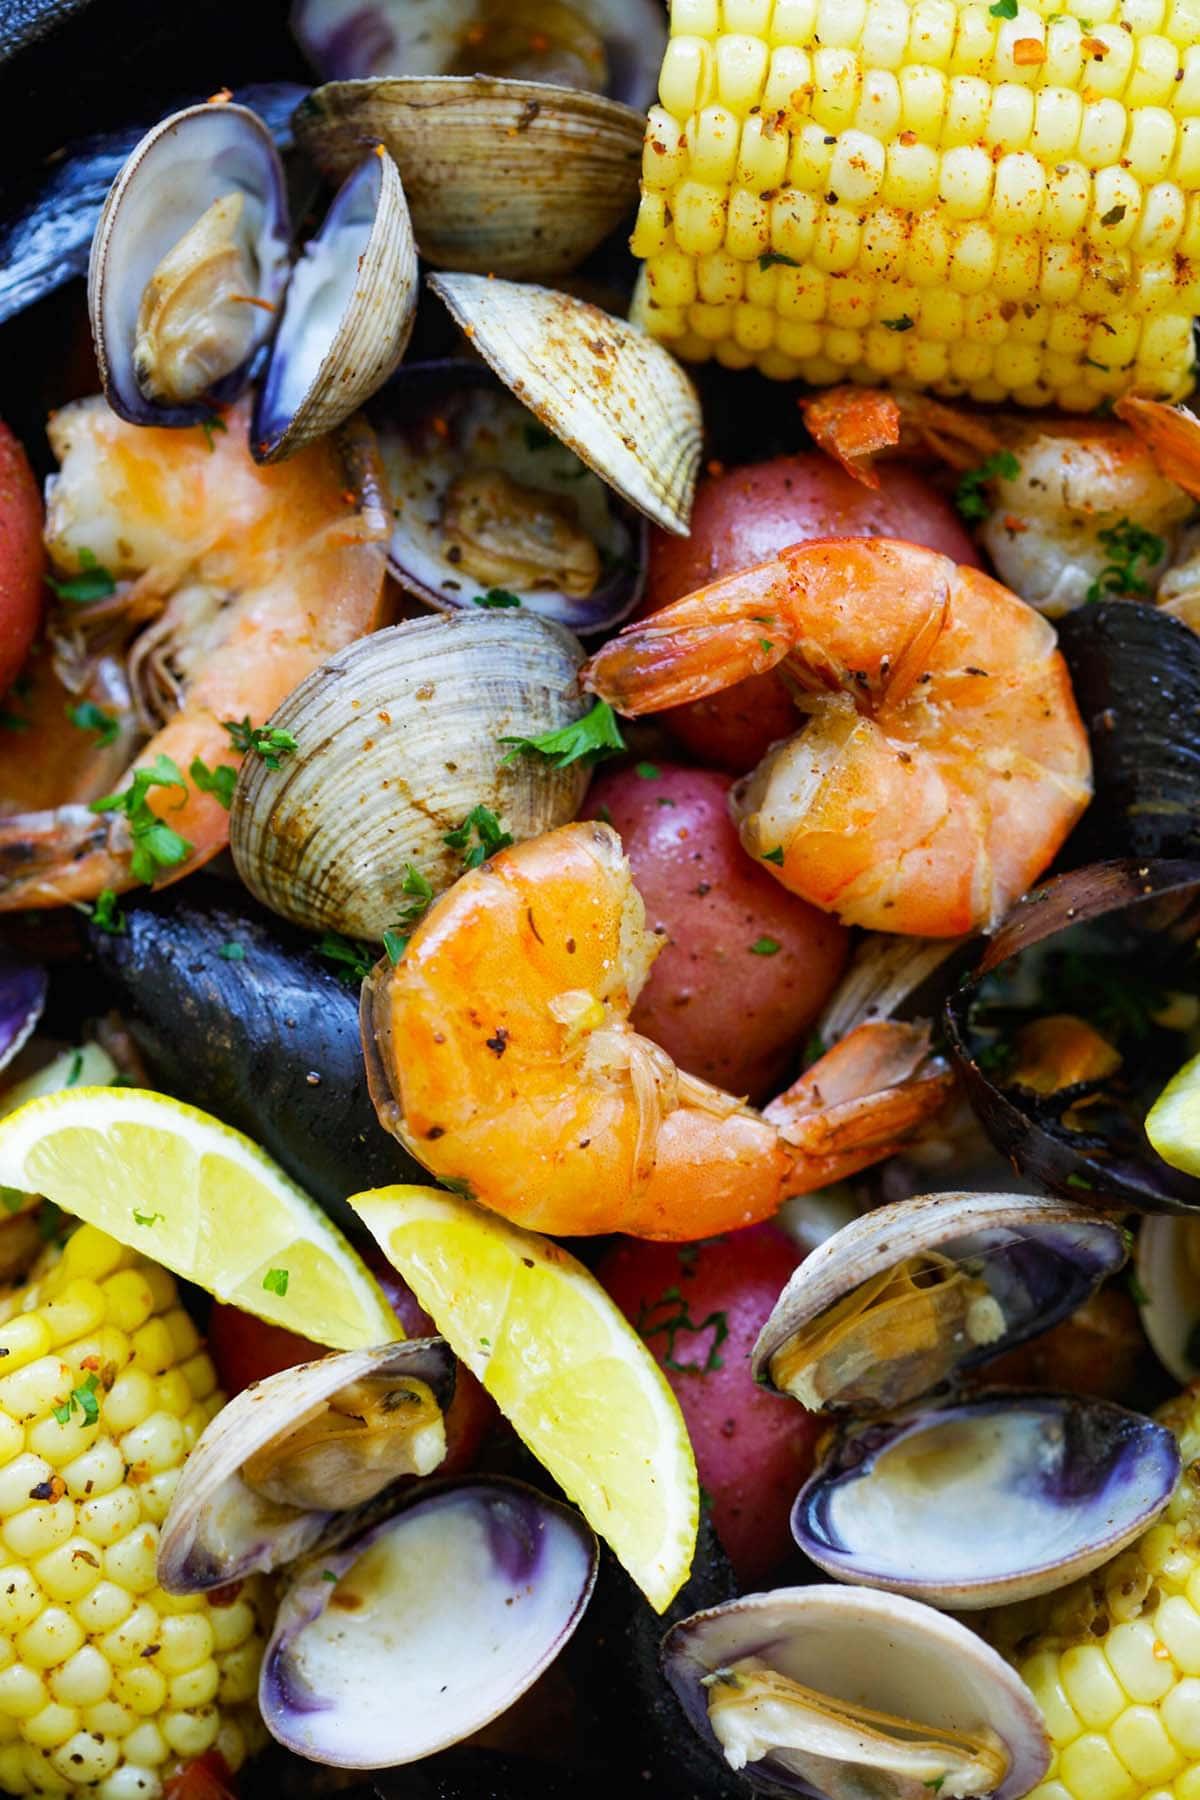 Recette traditionnelle de clambake avec des fruits de mer dans une poêle.